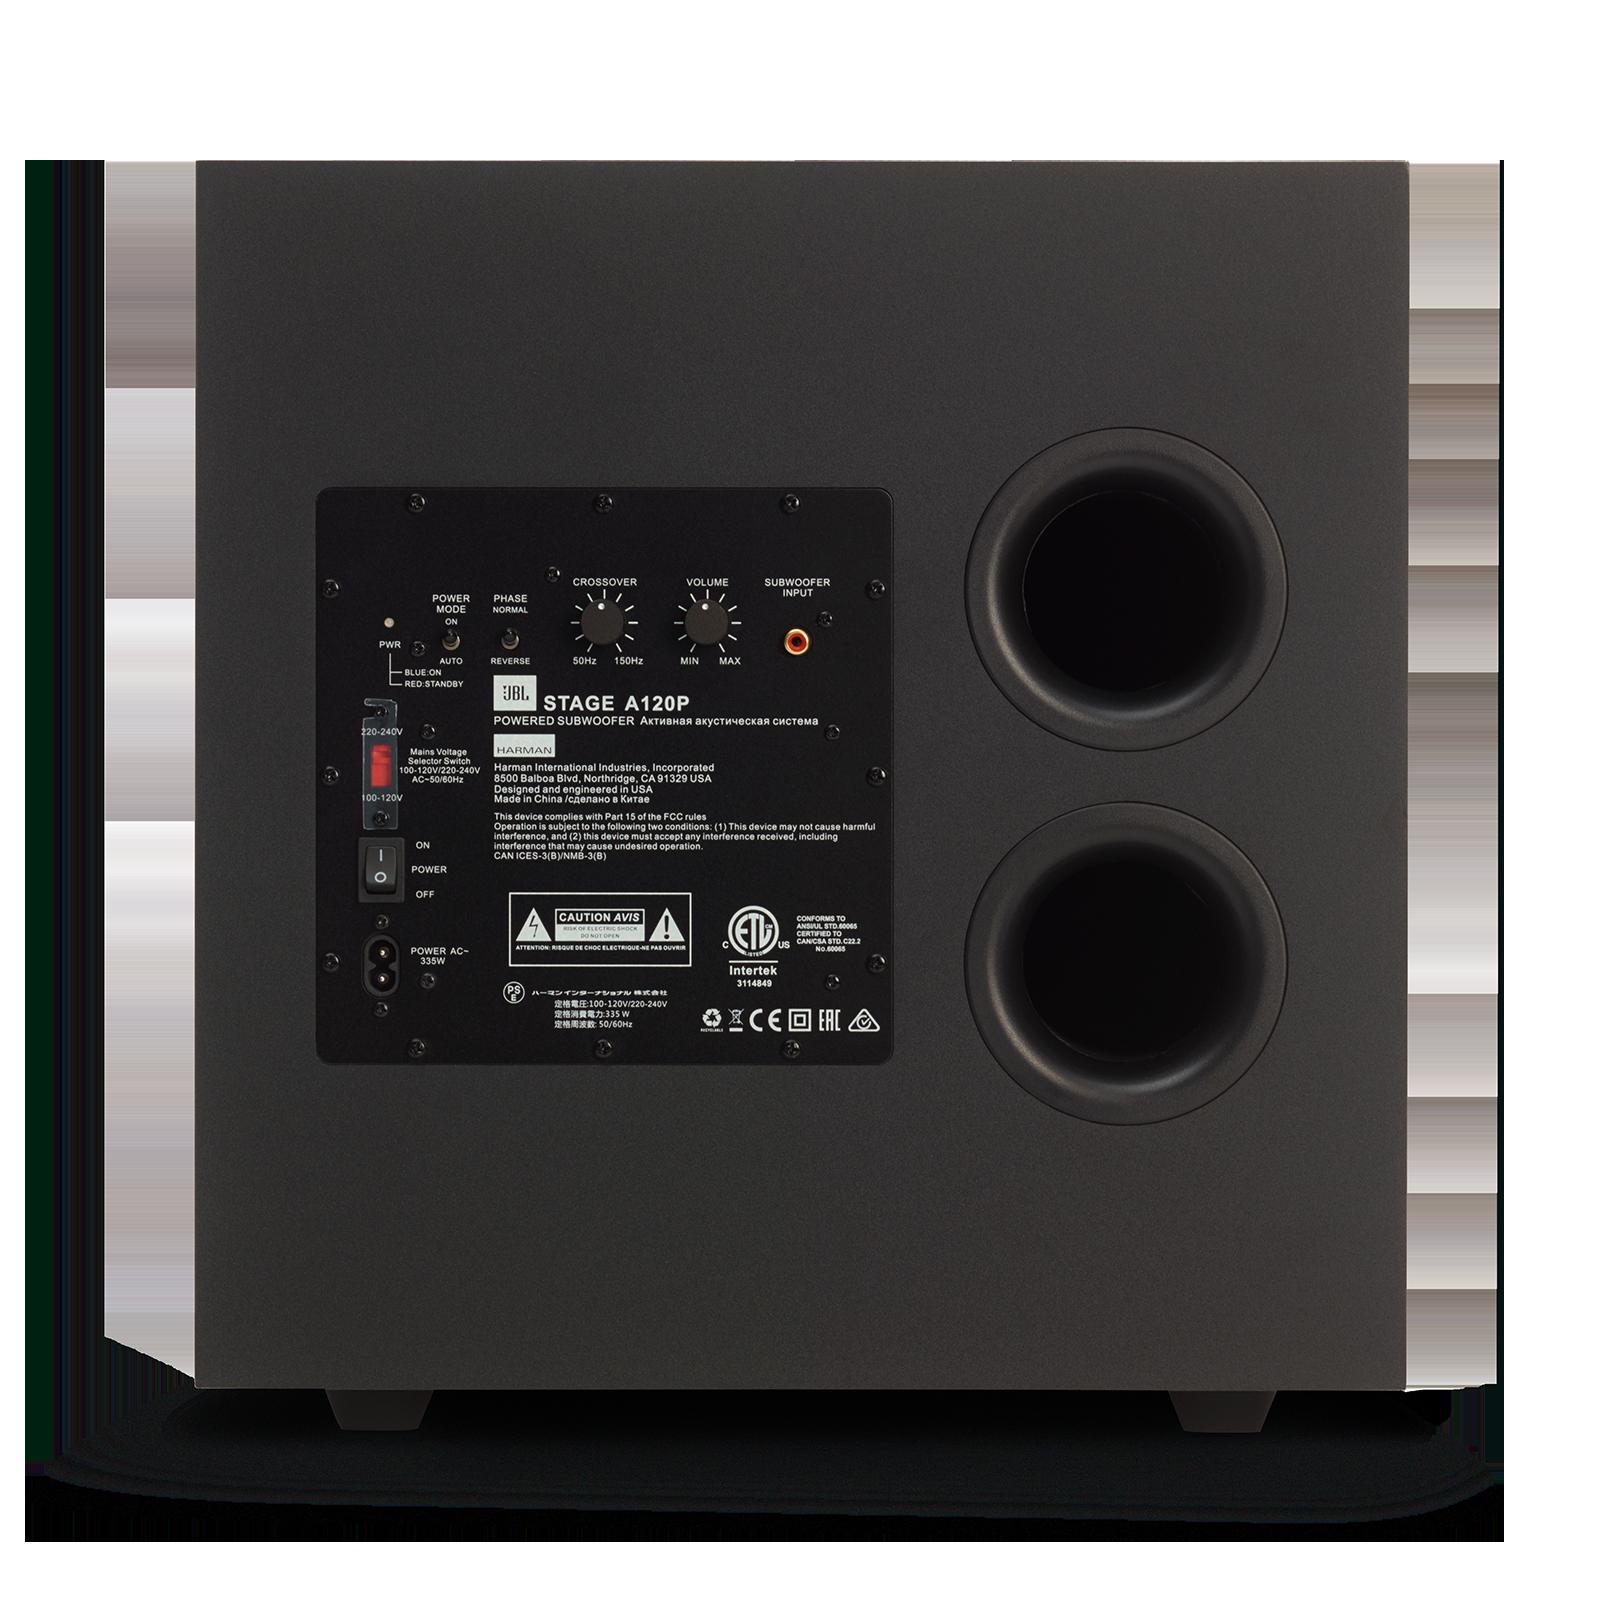 JBL Stage A120P - Black - Home Audio Loudspeaker System - Back